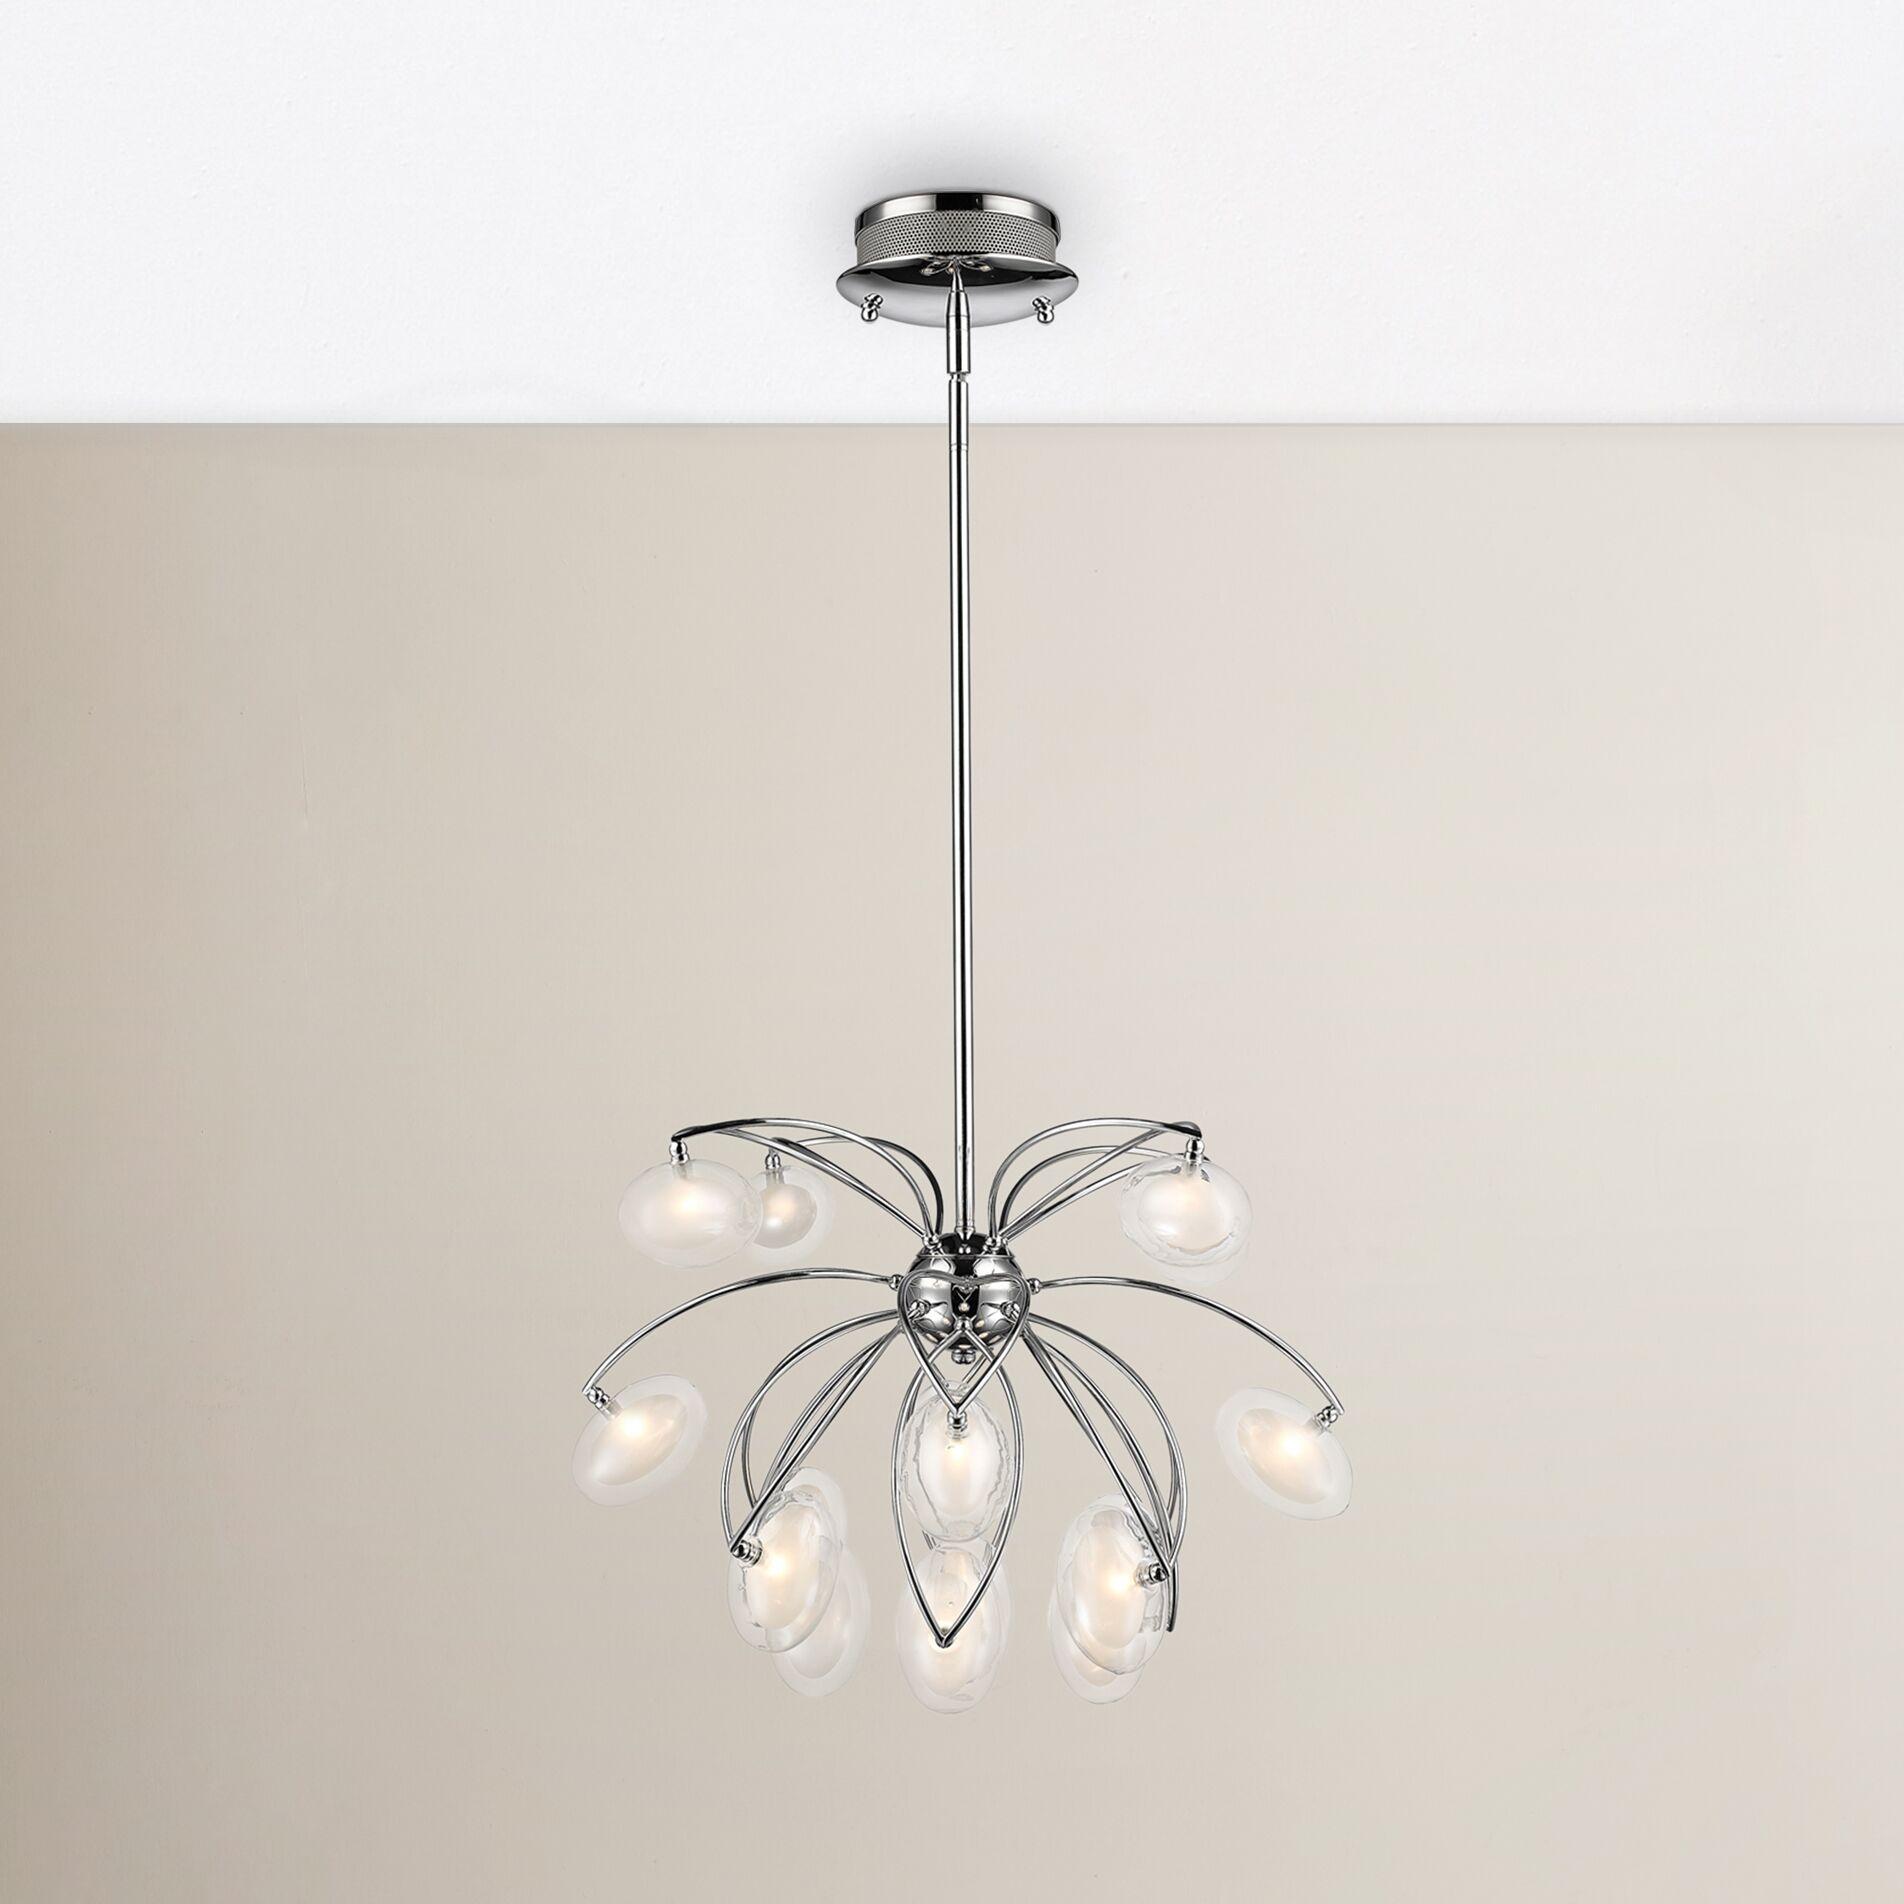 Sheedy 16-Light Sputnik Chandelier